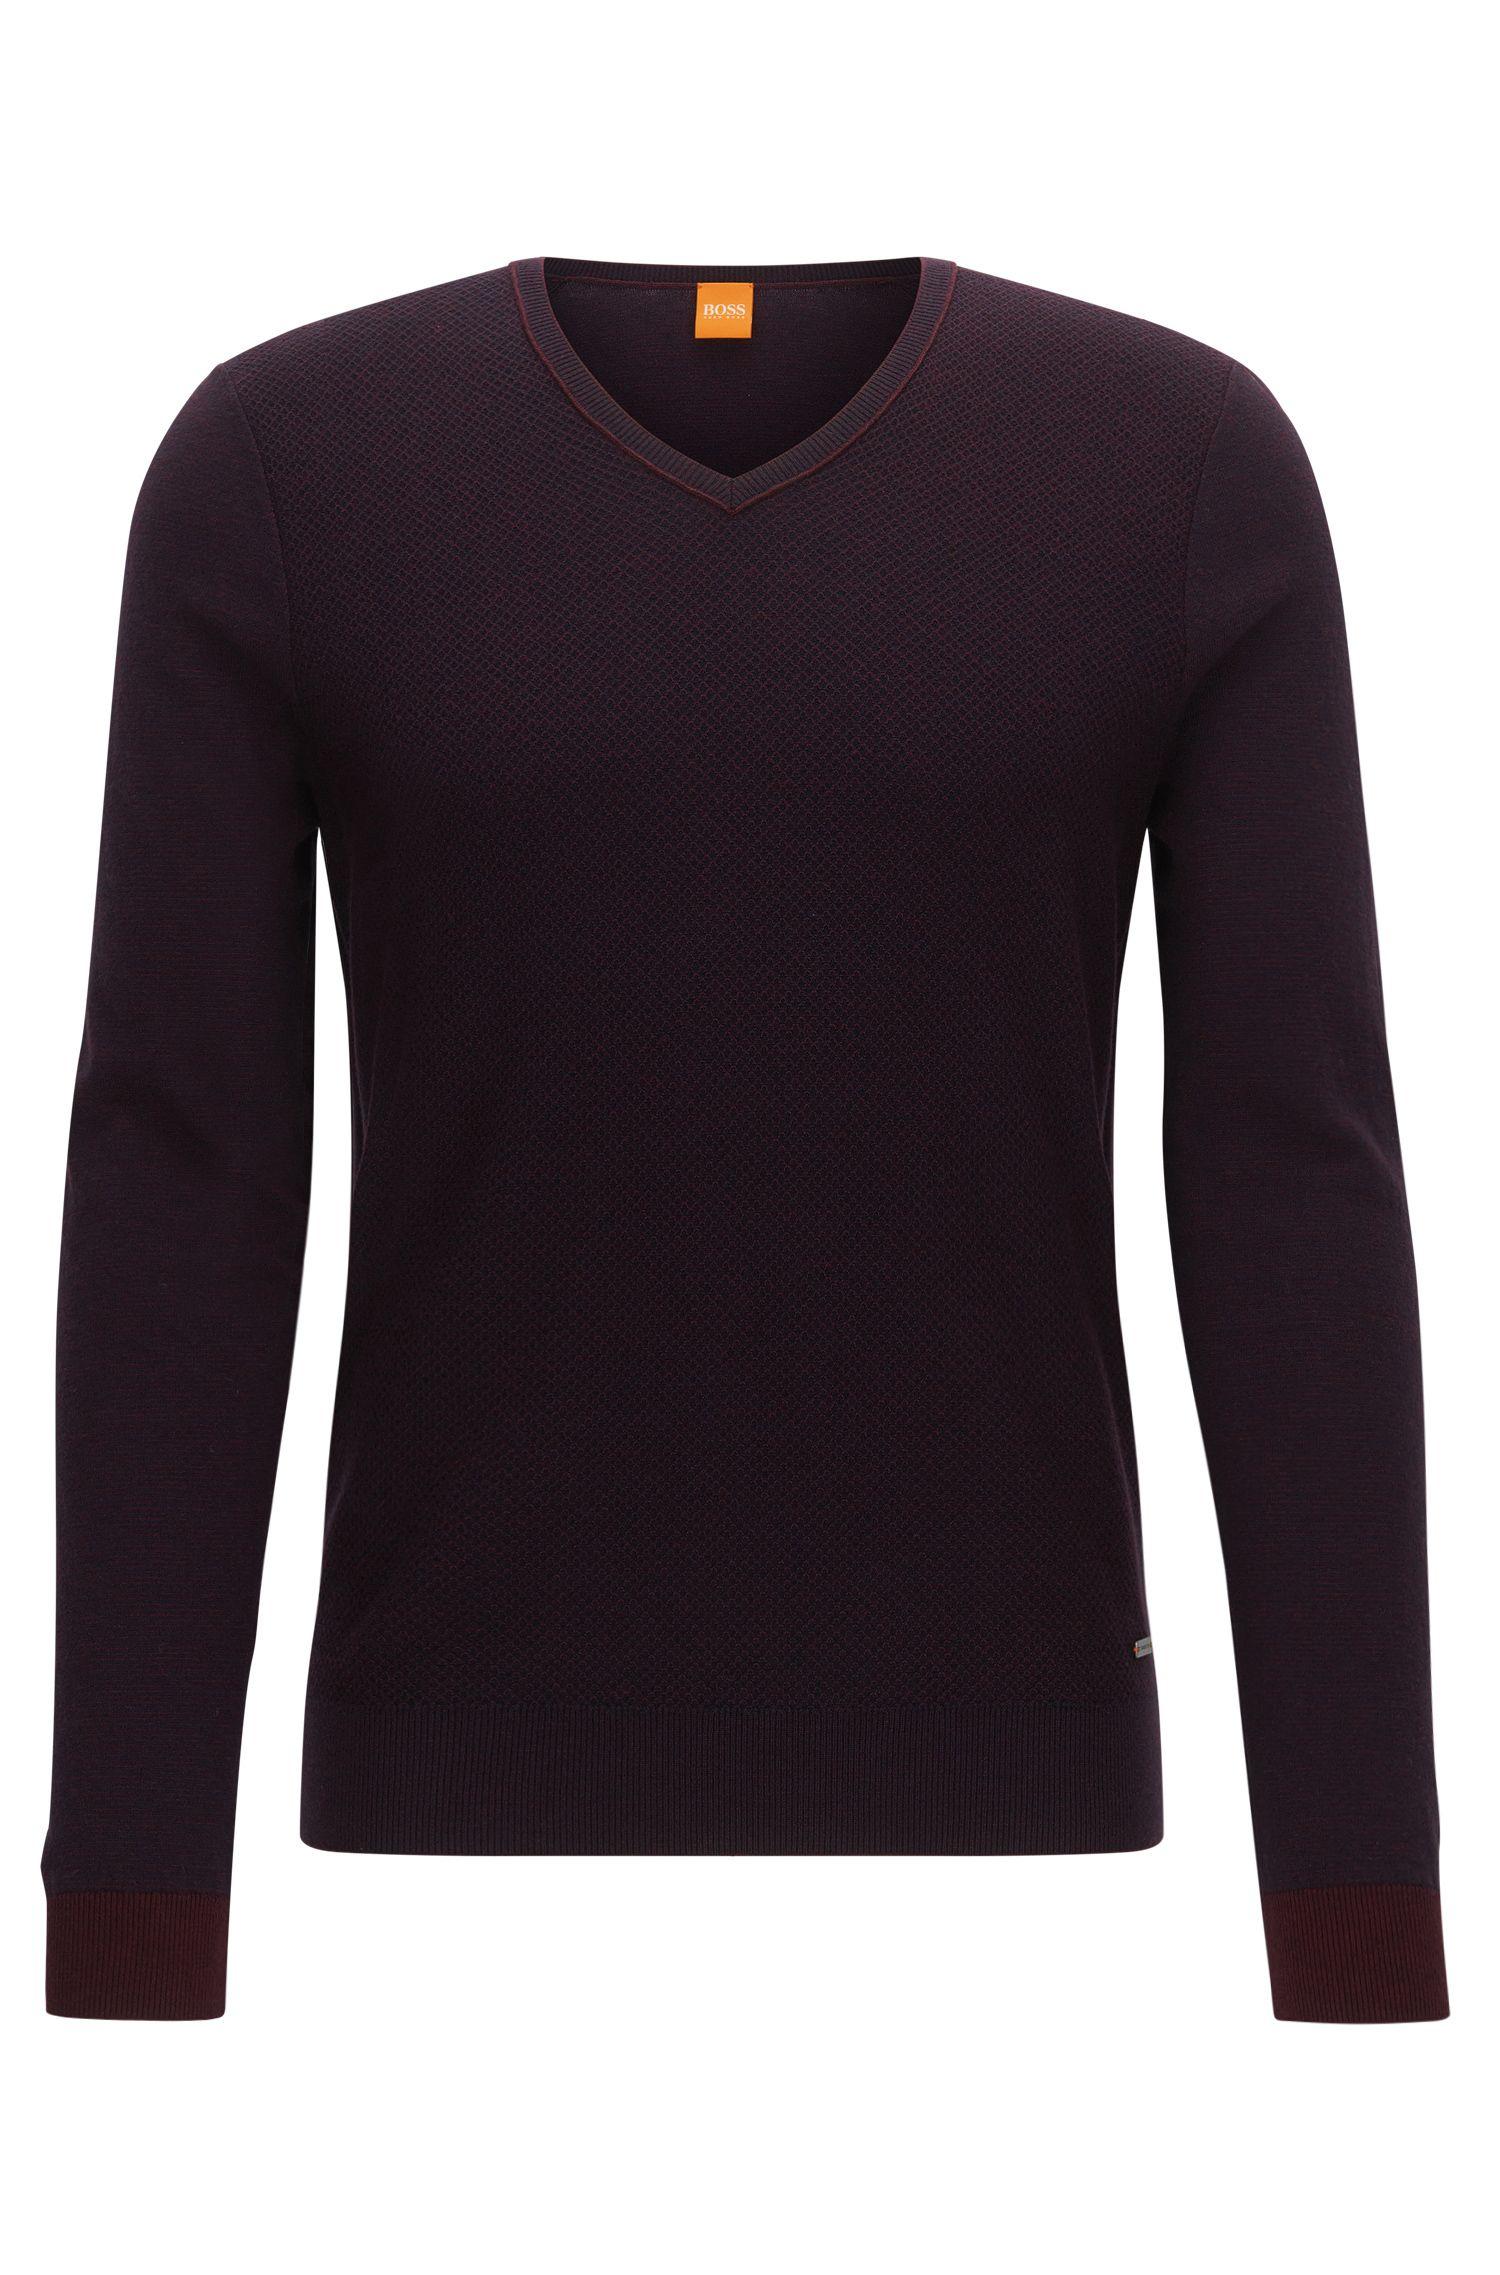 Regular-Fit Pullover mit V-Ausschnitt aus Baumwoll-Mix mit Schurwolle